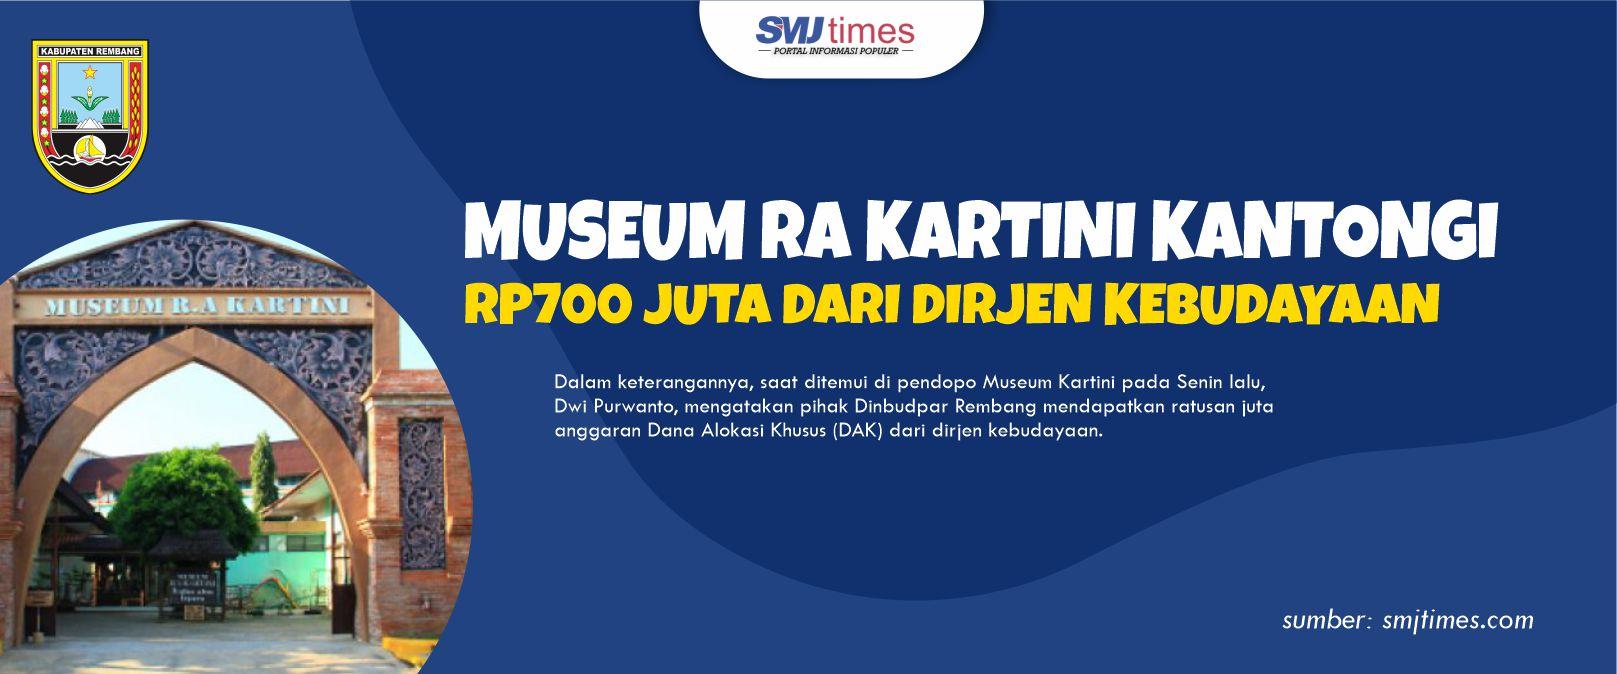 Museum RA Kartini Kantongi Rp700 Juta dari Dirjen Kebudayaan 1